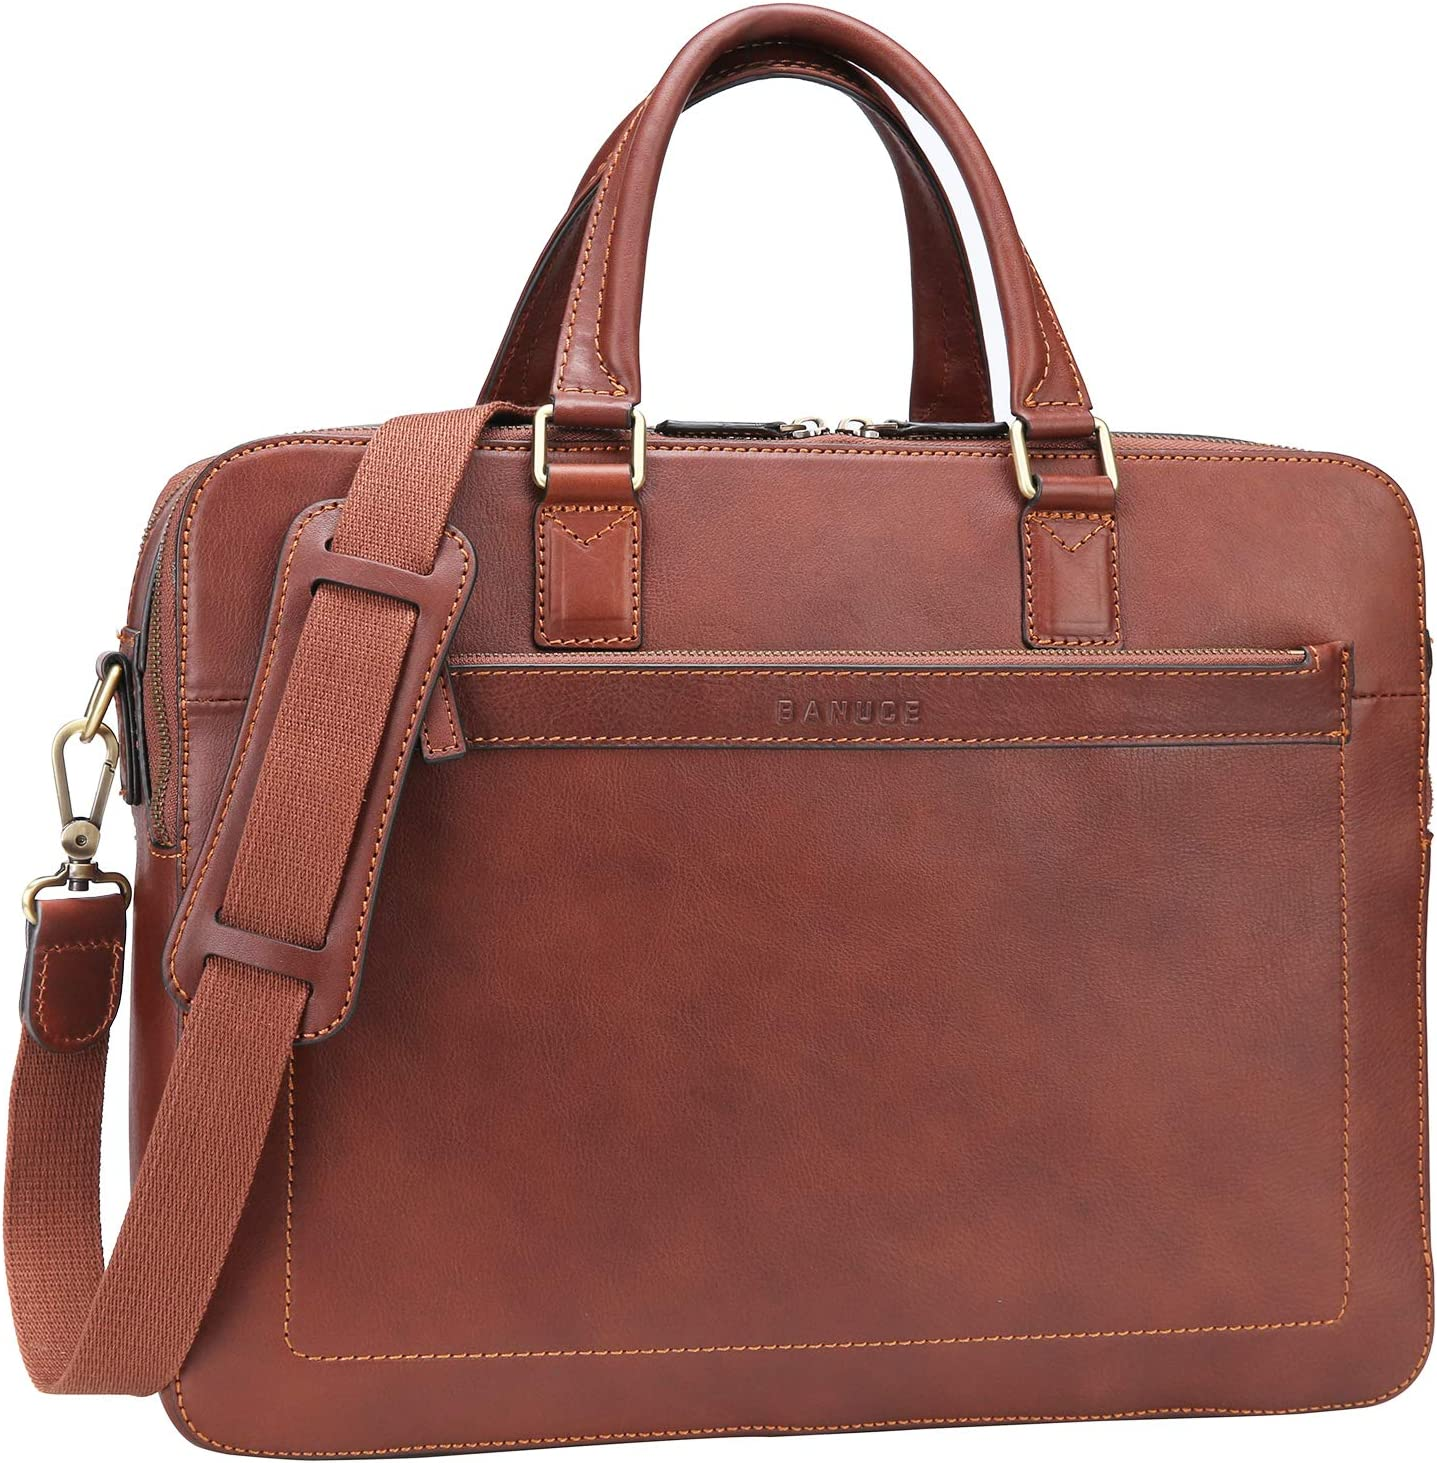 Banuce Vintage Full Grains Leather Briefcase for Men 14 Inch Laptop Business Handbags Attache Case Shoulder Messenger Bag Brown